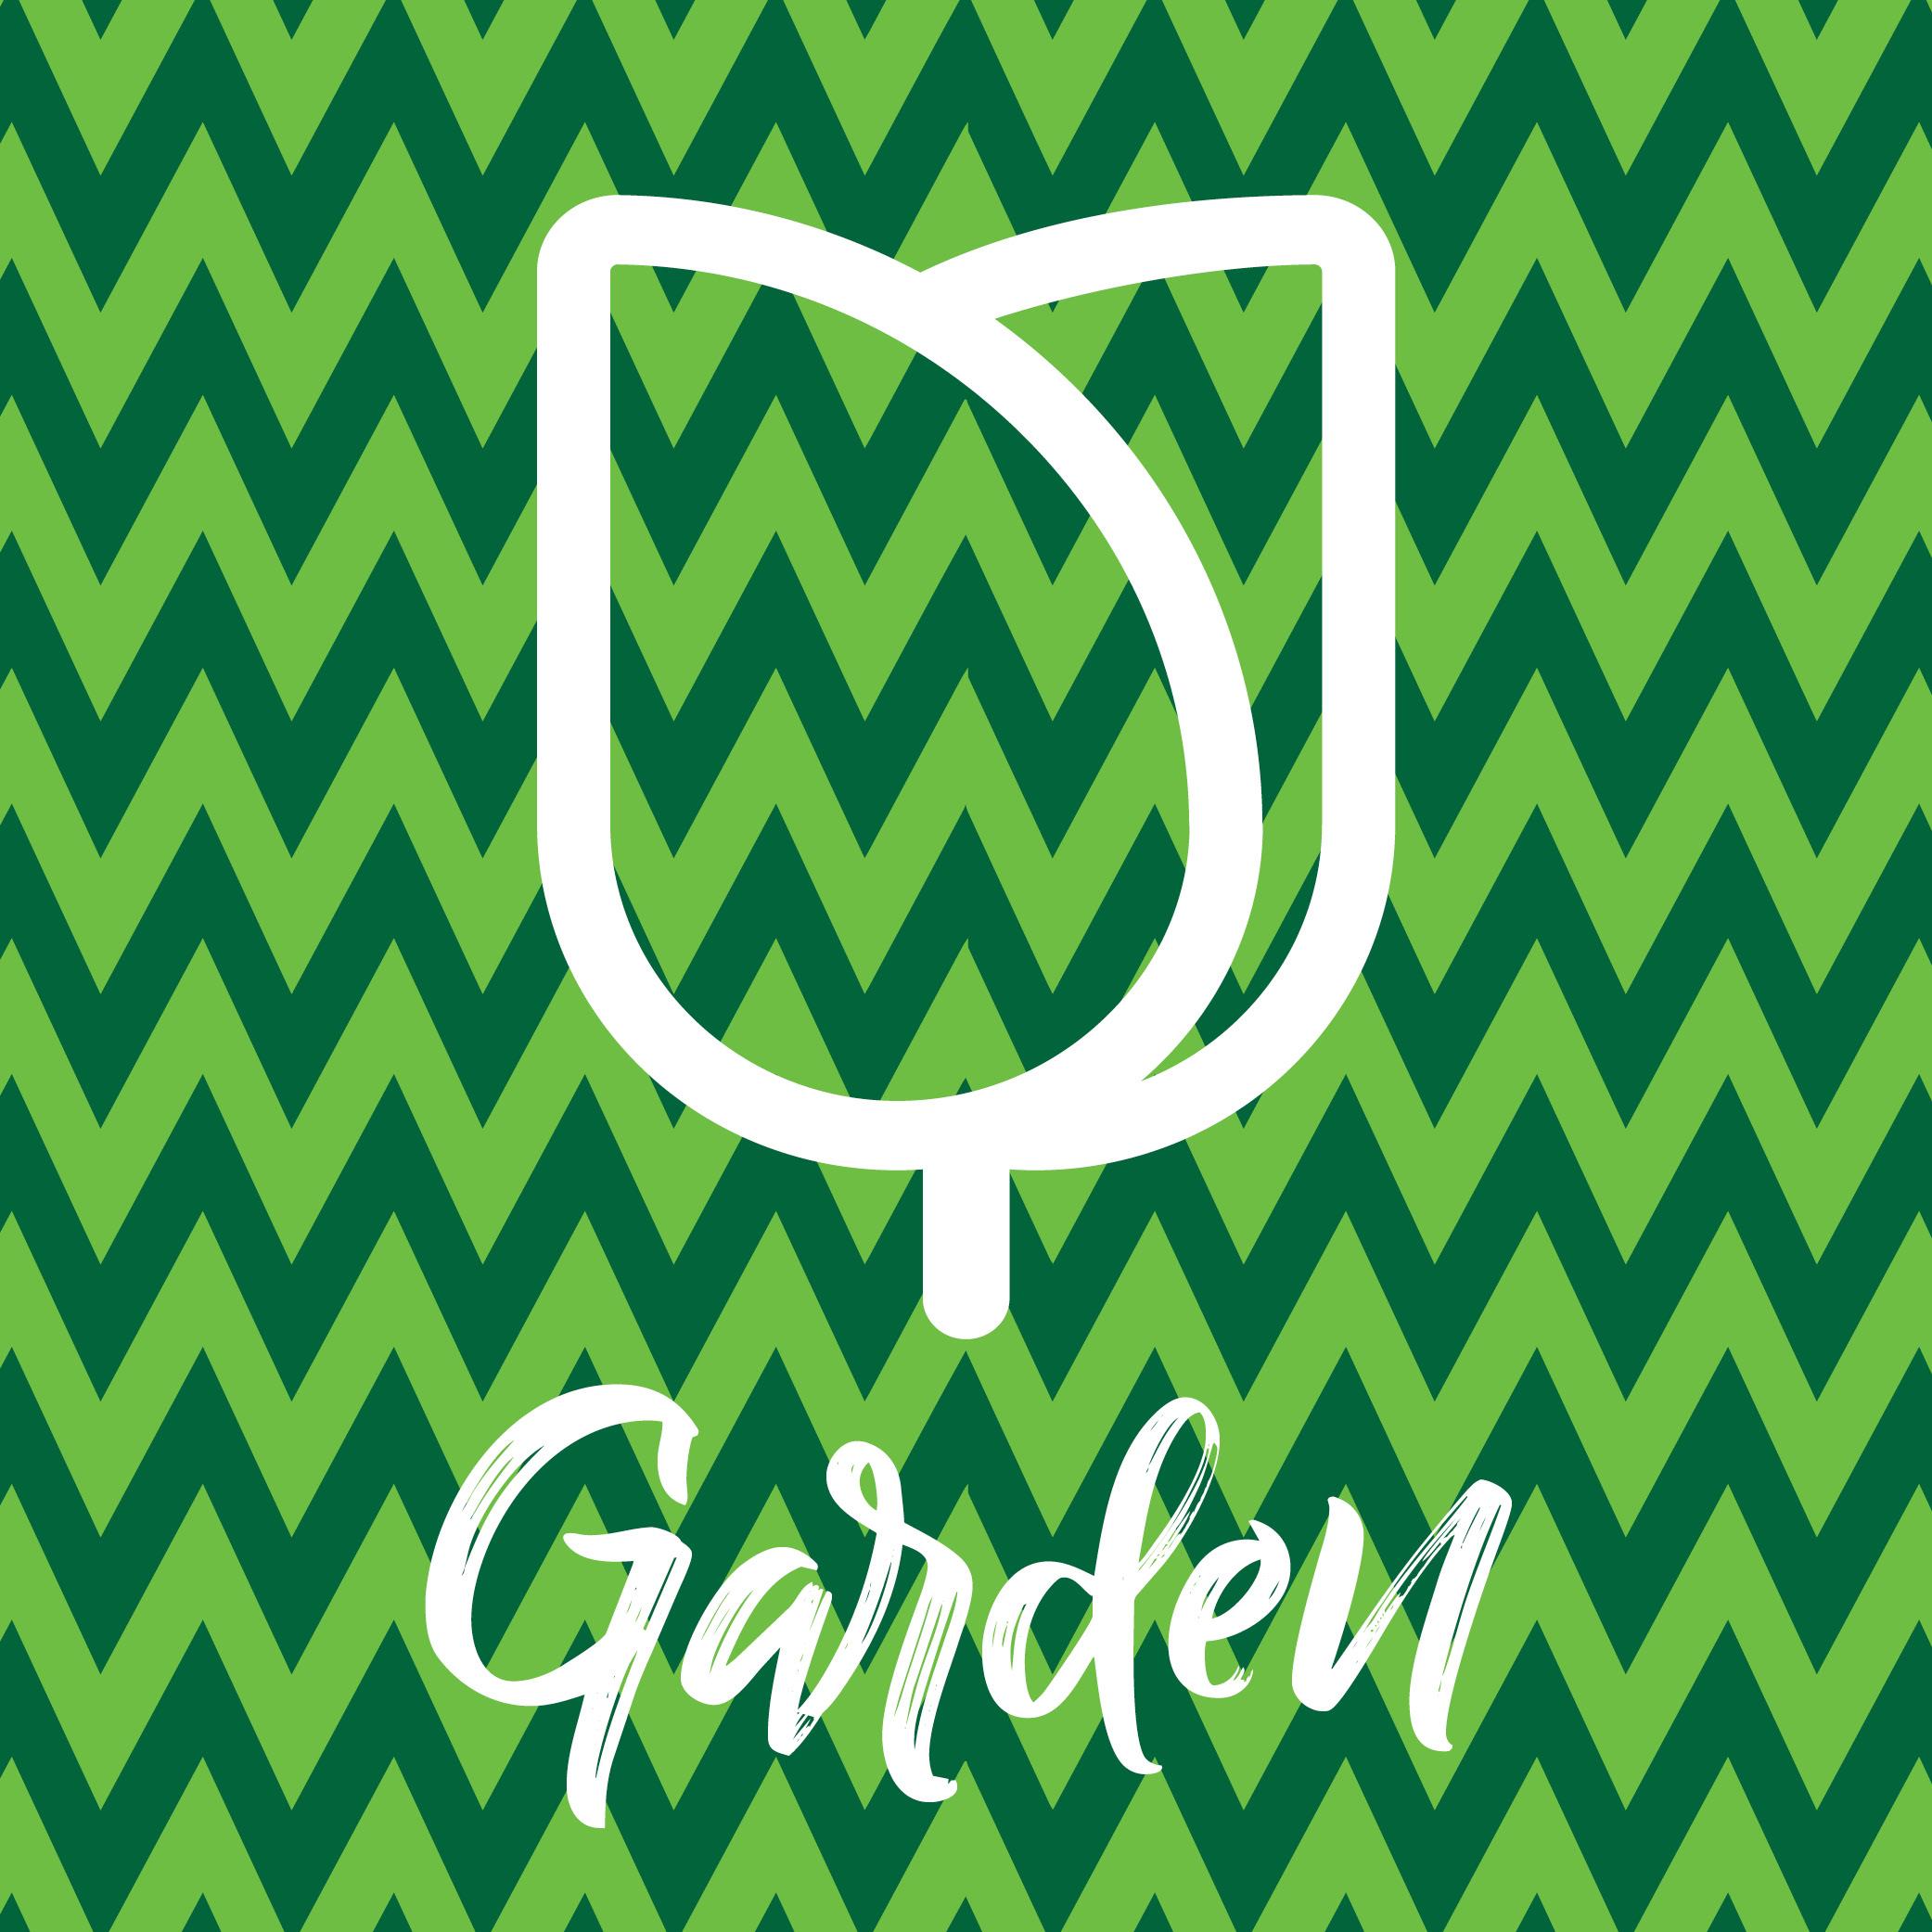 Tulipa Garden Center